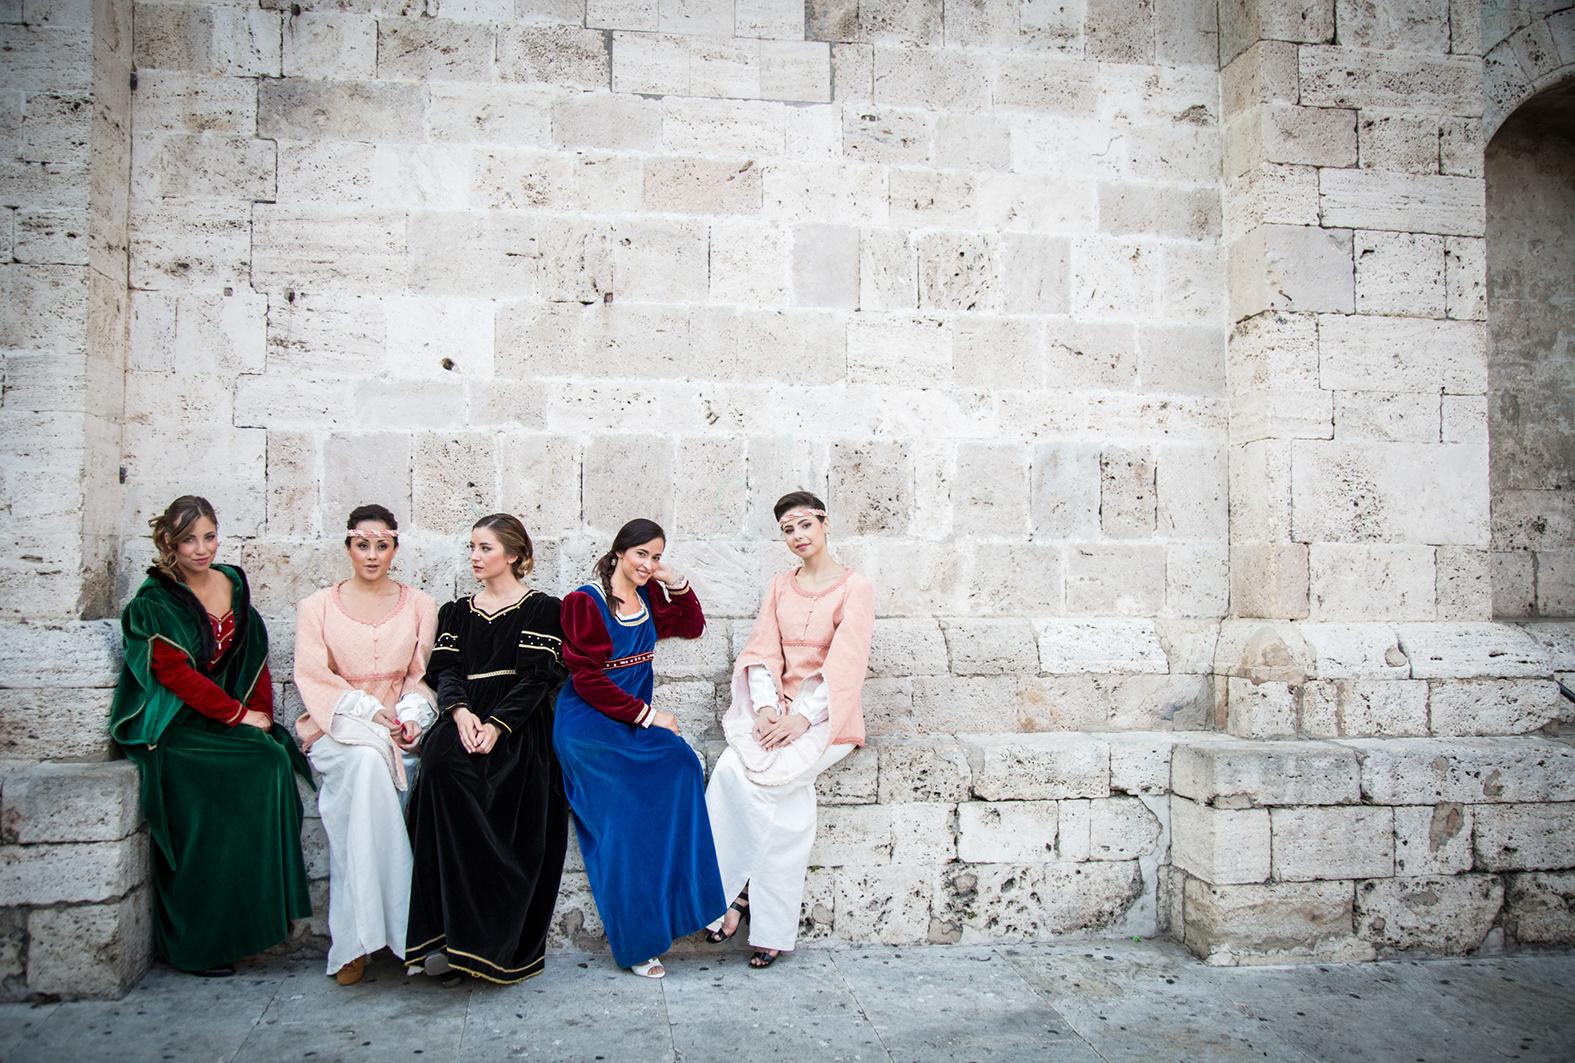 pinktrotters-ascoli-piceno-quintana-tradizione-usi-costumi